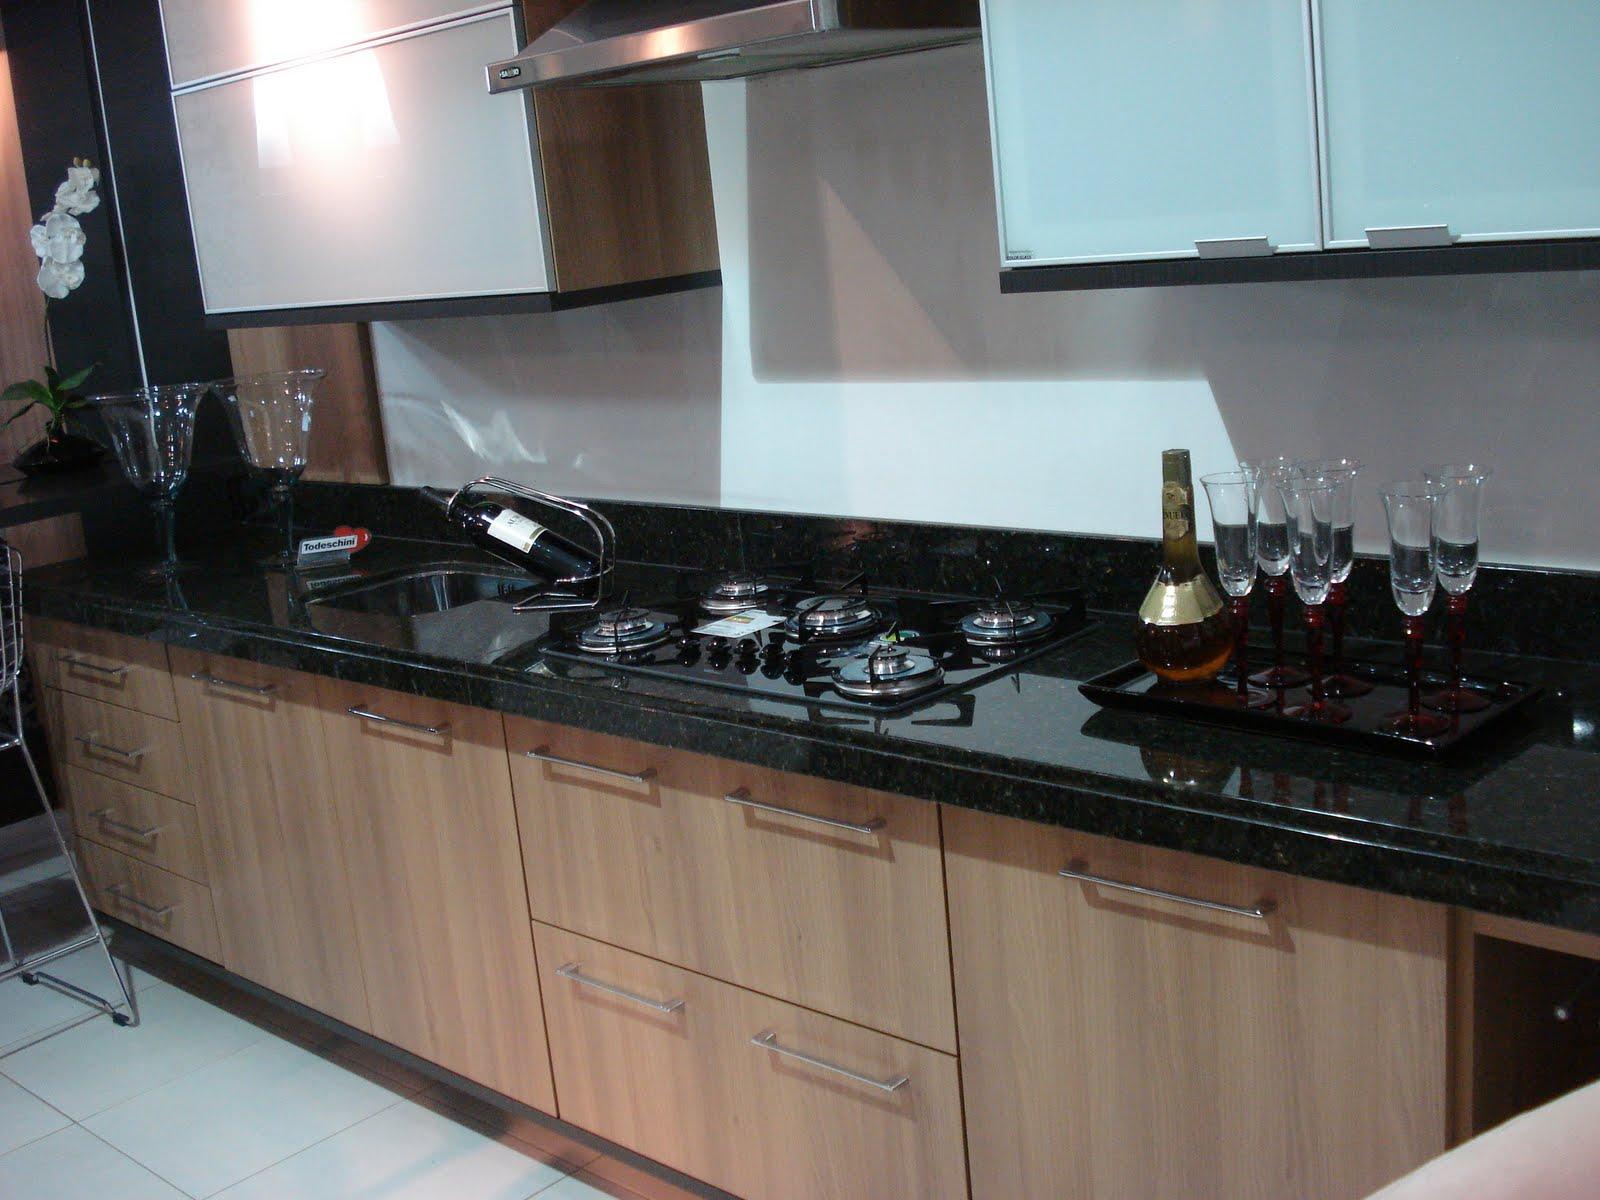 2011 04 10 Marmoraria MPK #4A7681 1600x1200 Banheiro Com Granito Preto Indiano